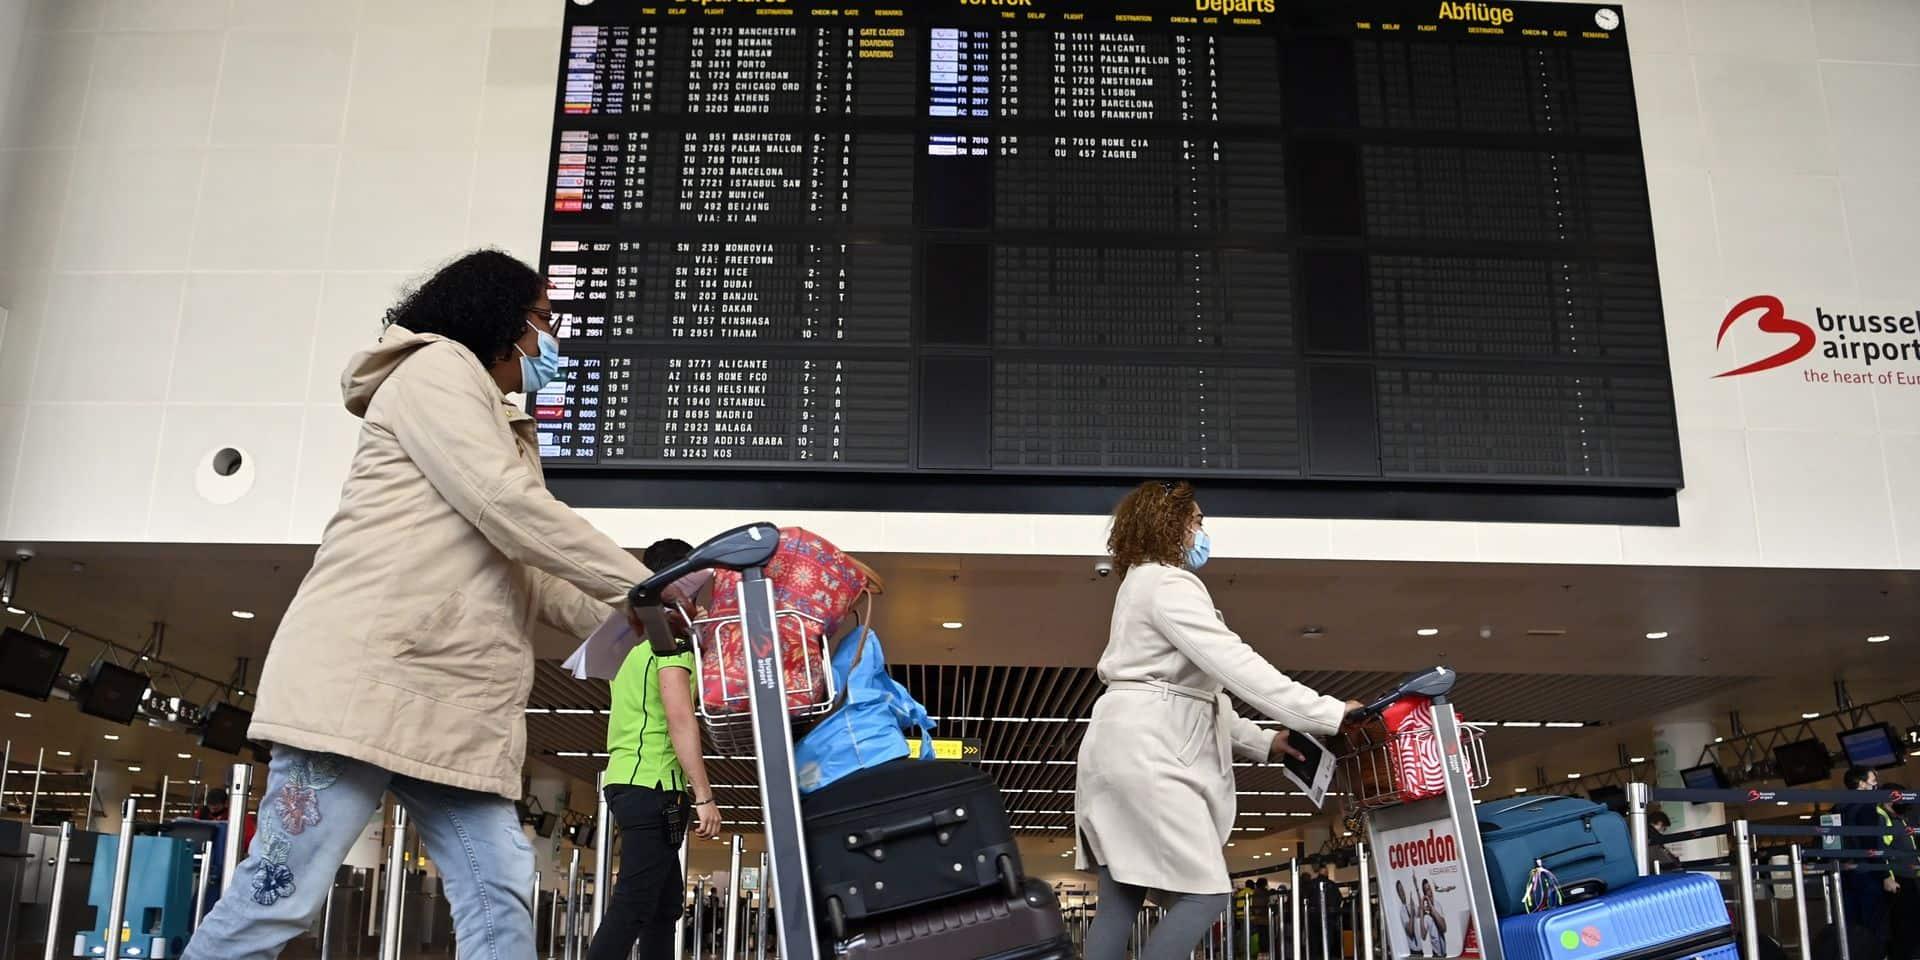 Près de 250 voyageurs attrapés avec un faux test covid à Brussels Airport depuis le 25 avril